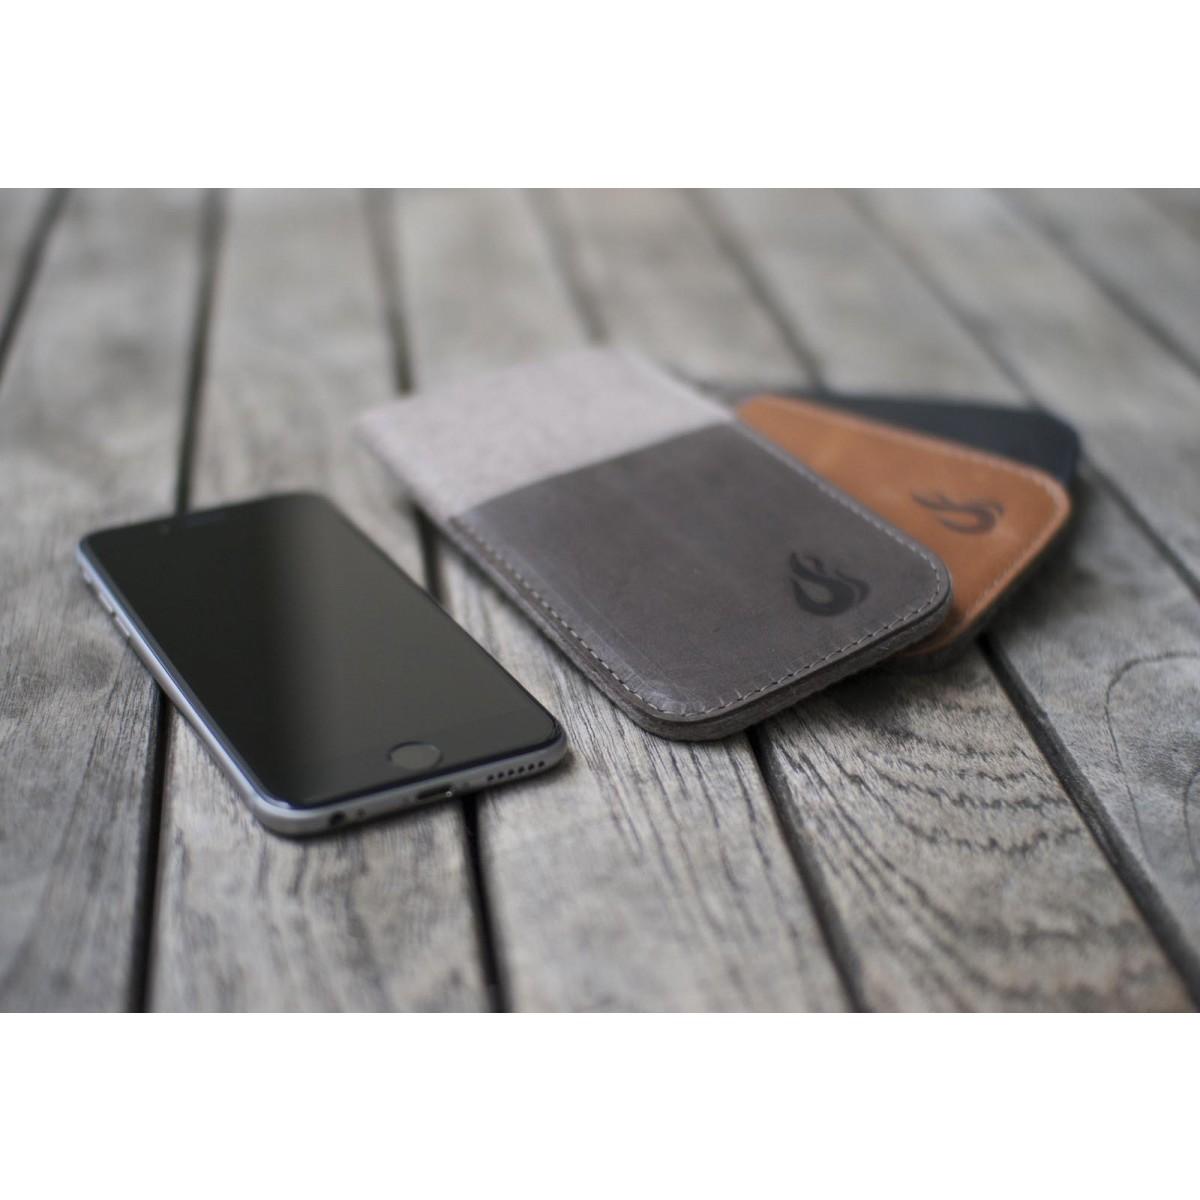 Hülle für iPhone 7 / iPhone 8 mit Visitenkartenfach- charcoal/black (Filz und Leder) - Burning Love